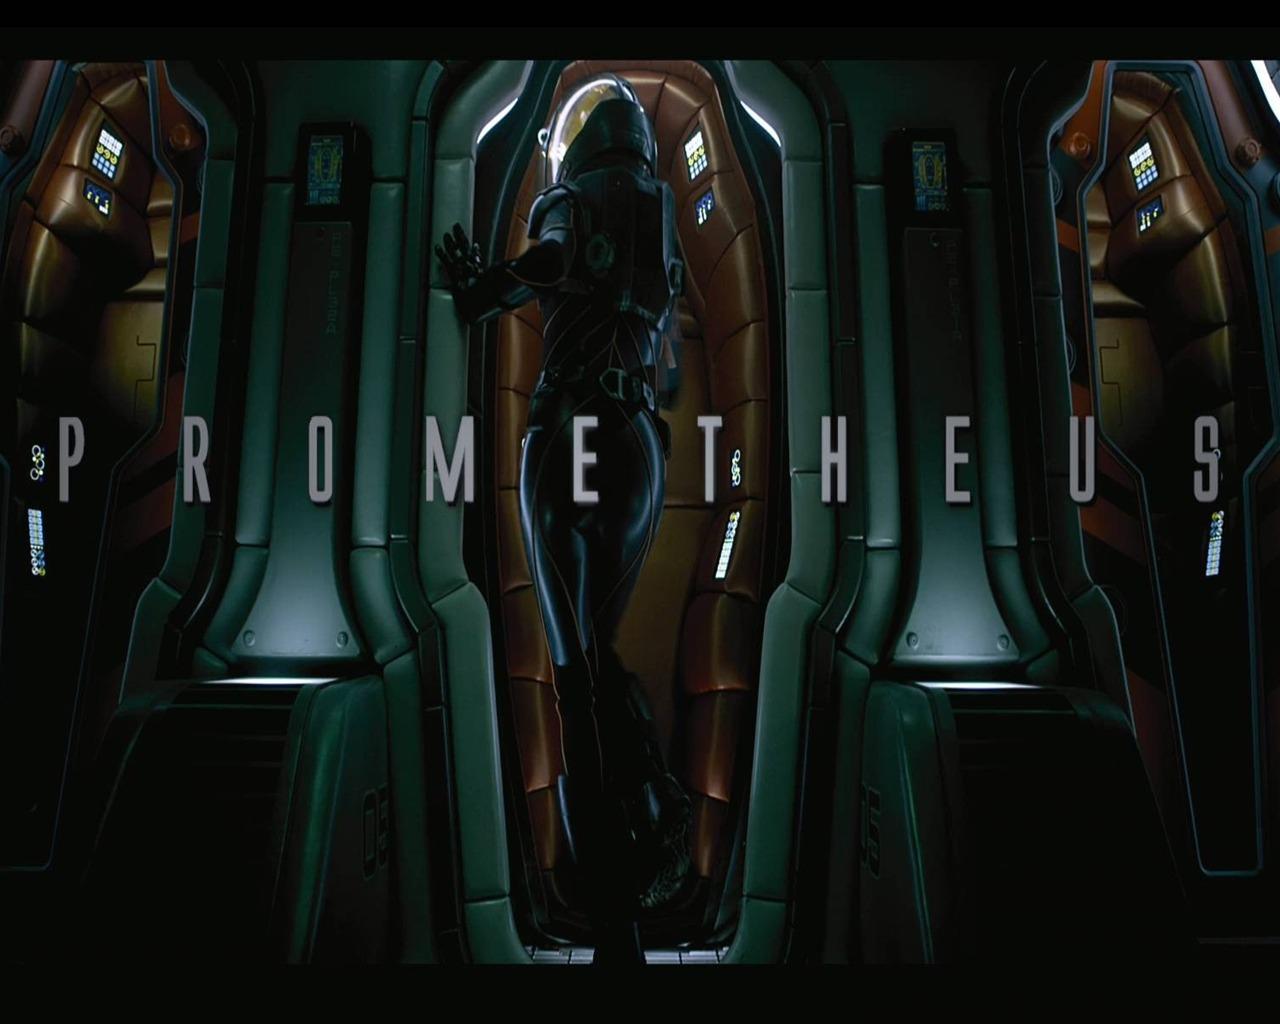 Prometheus 2012 Movie HD Desktop Wallpaper 14-1280x1024 Download   10wallpaper.com